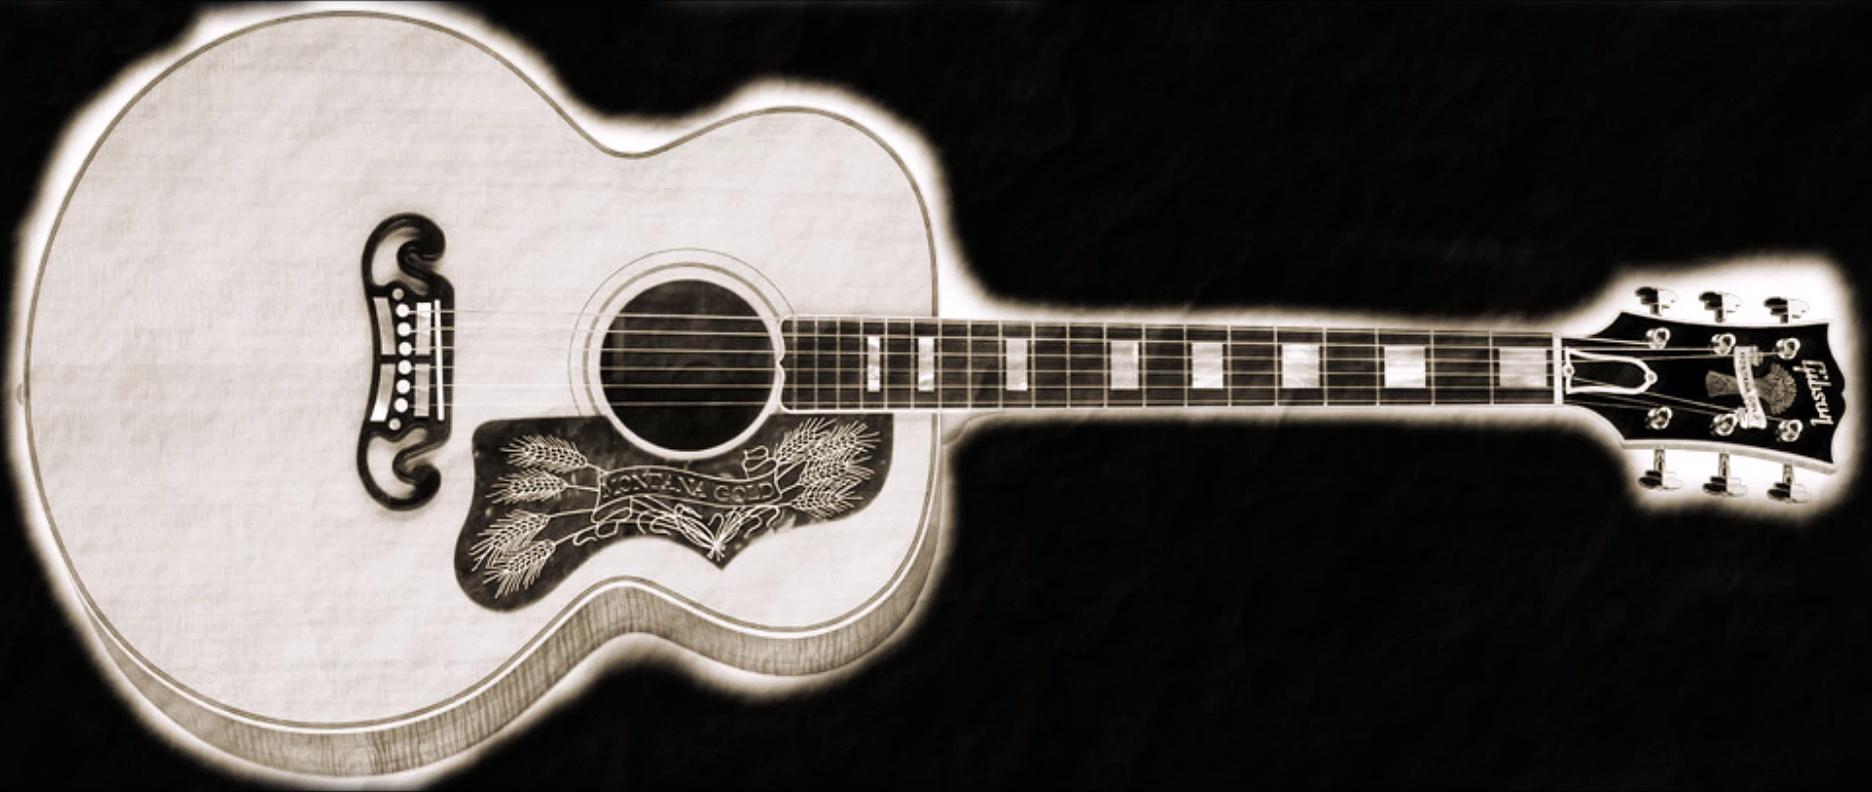 Wonderwall Guitar Acoustic